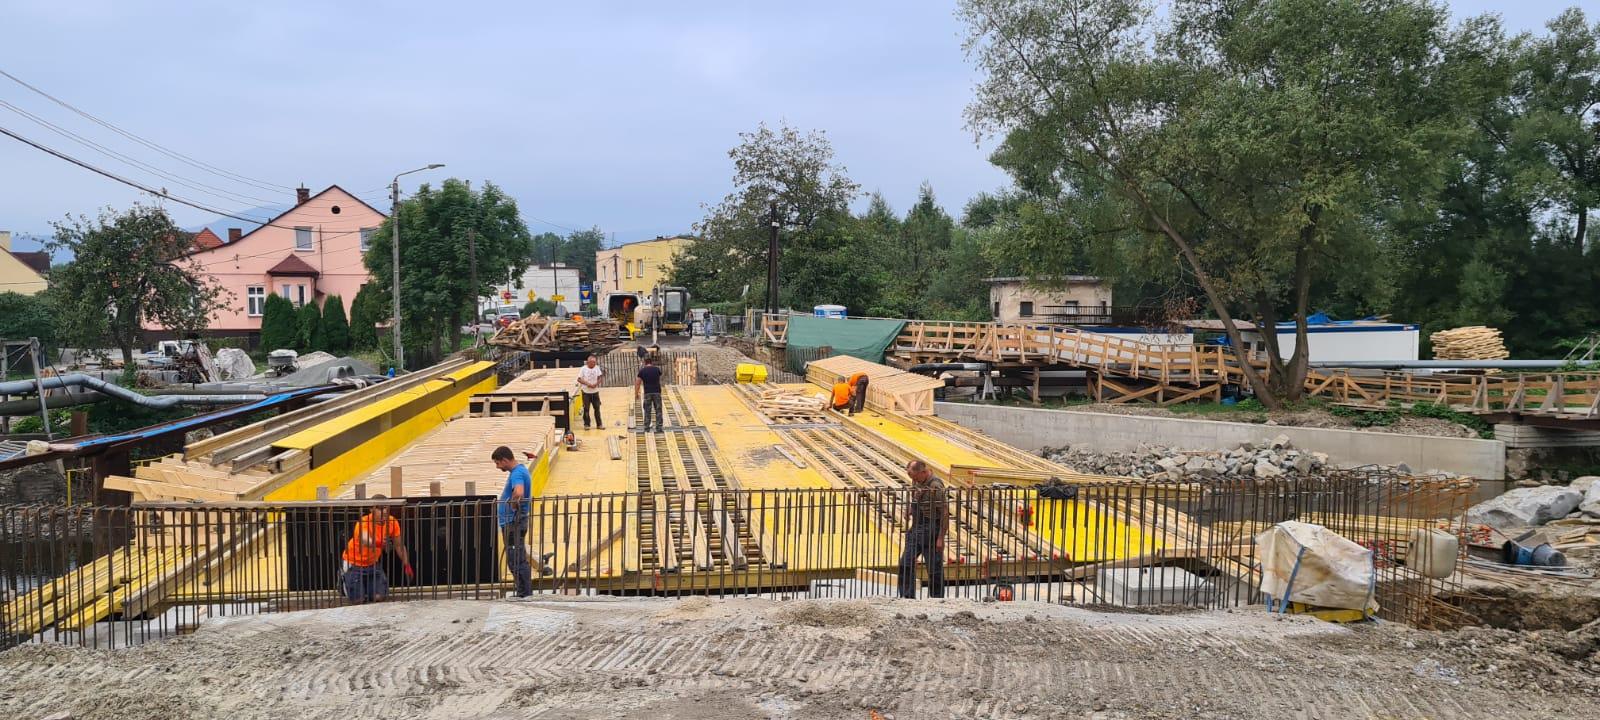 Powoli rośnie nowy most w Andrychowie [FOTO]